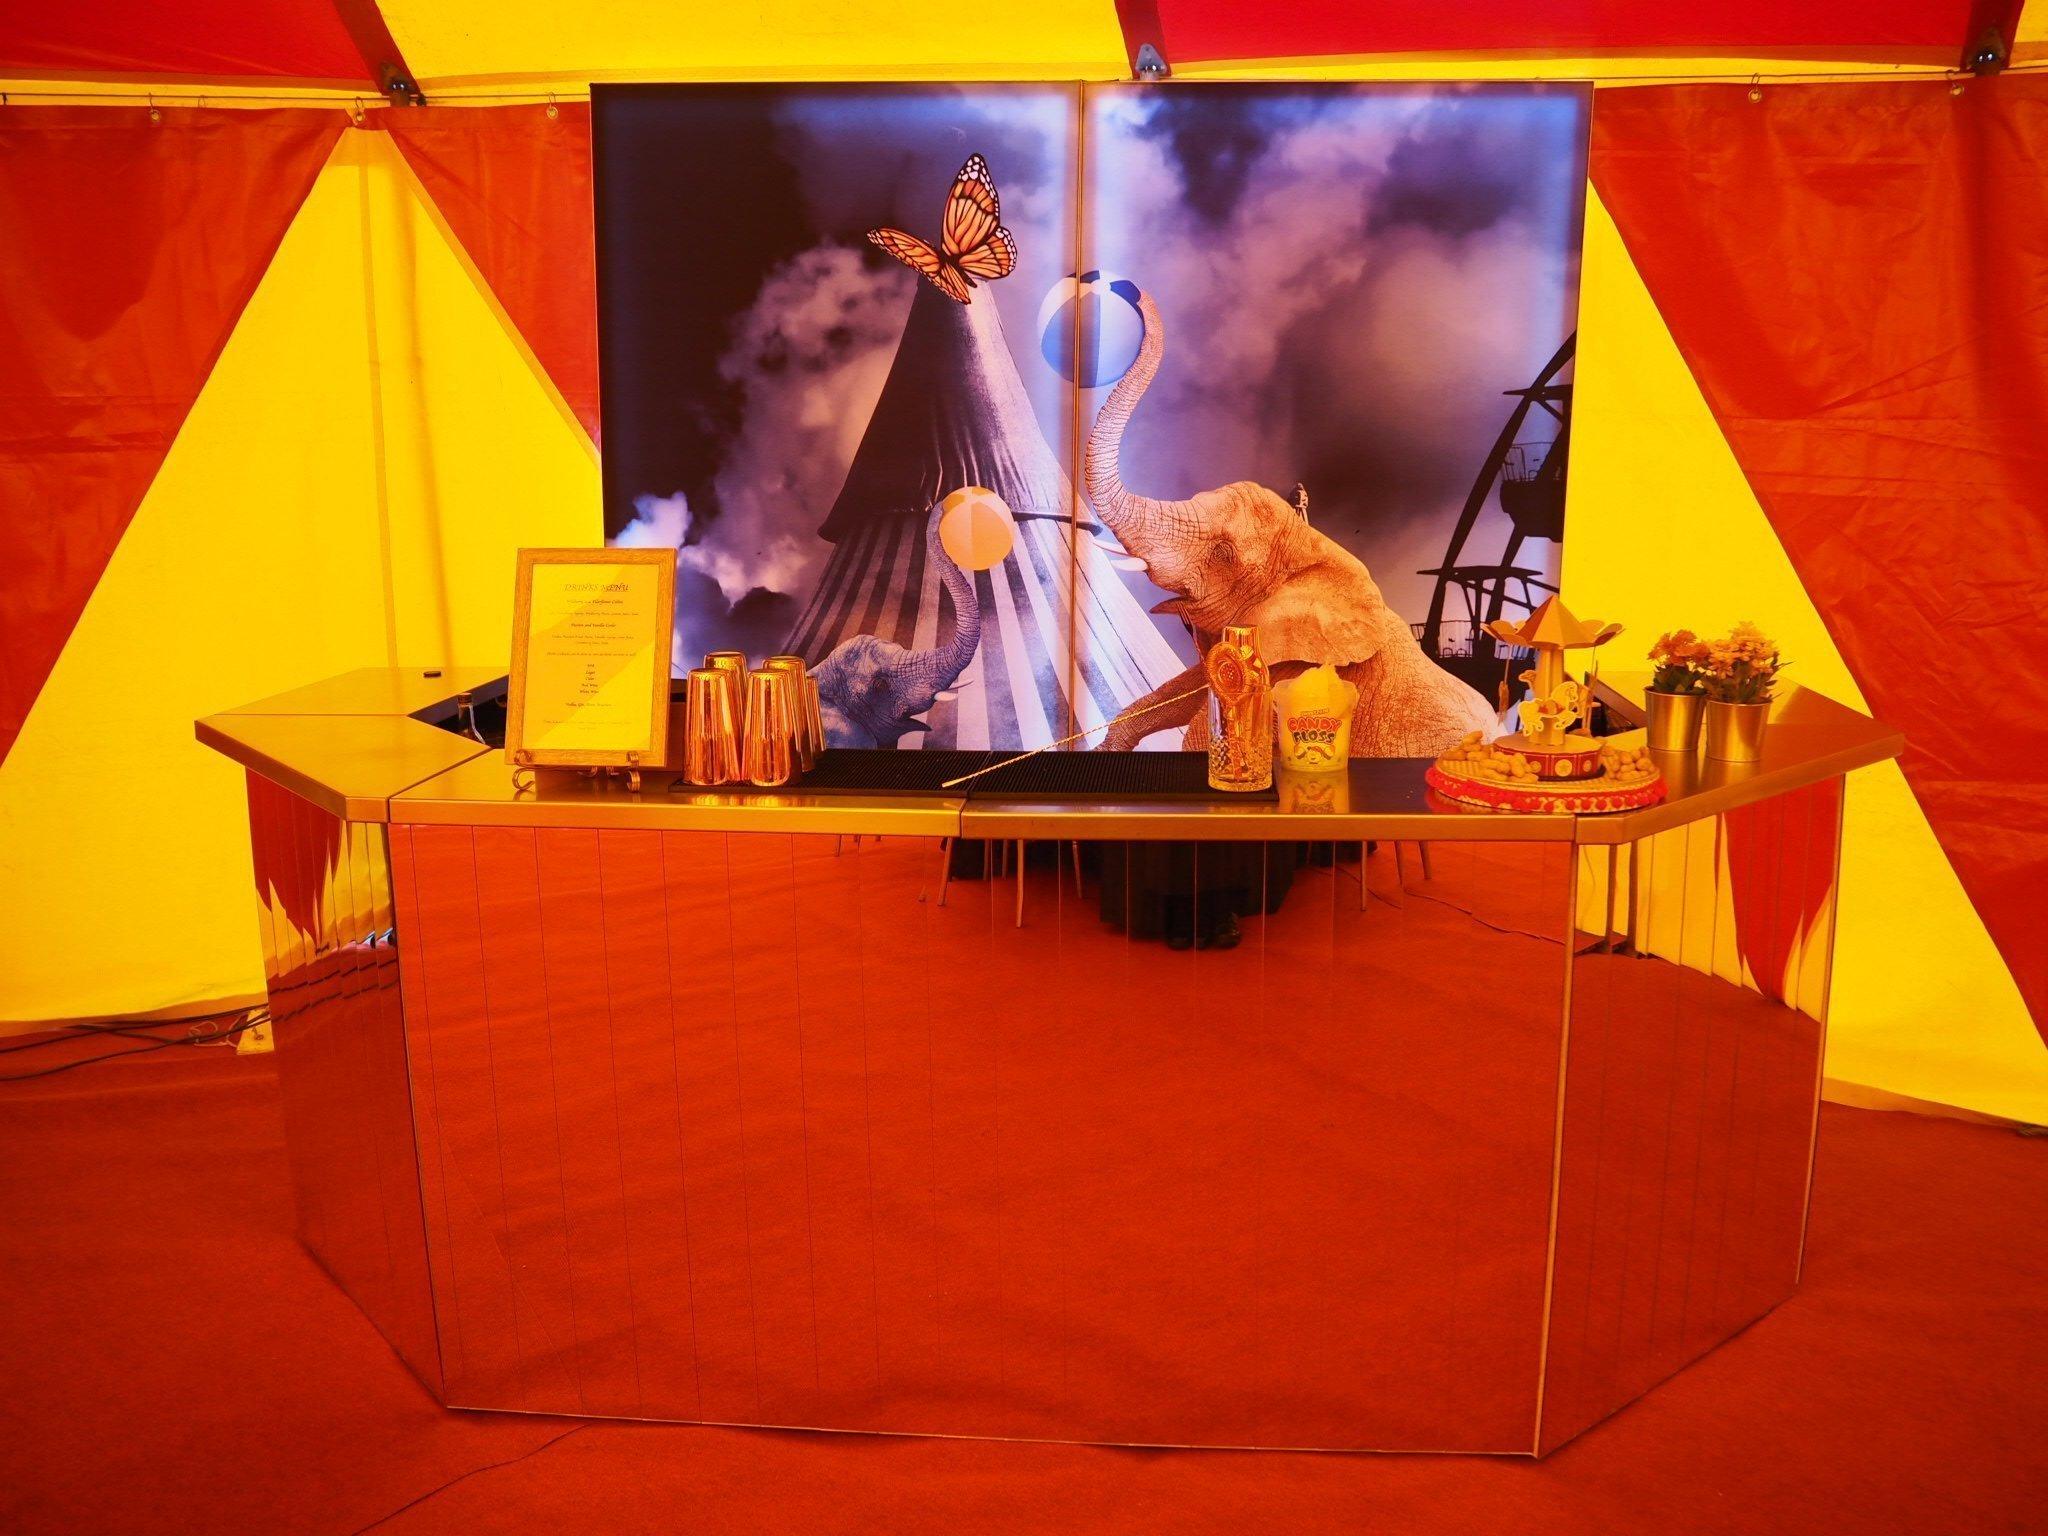 circus themed mobile bar